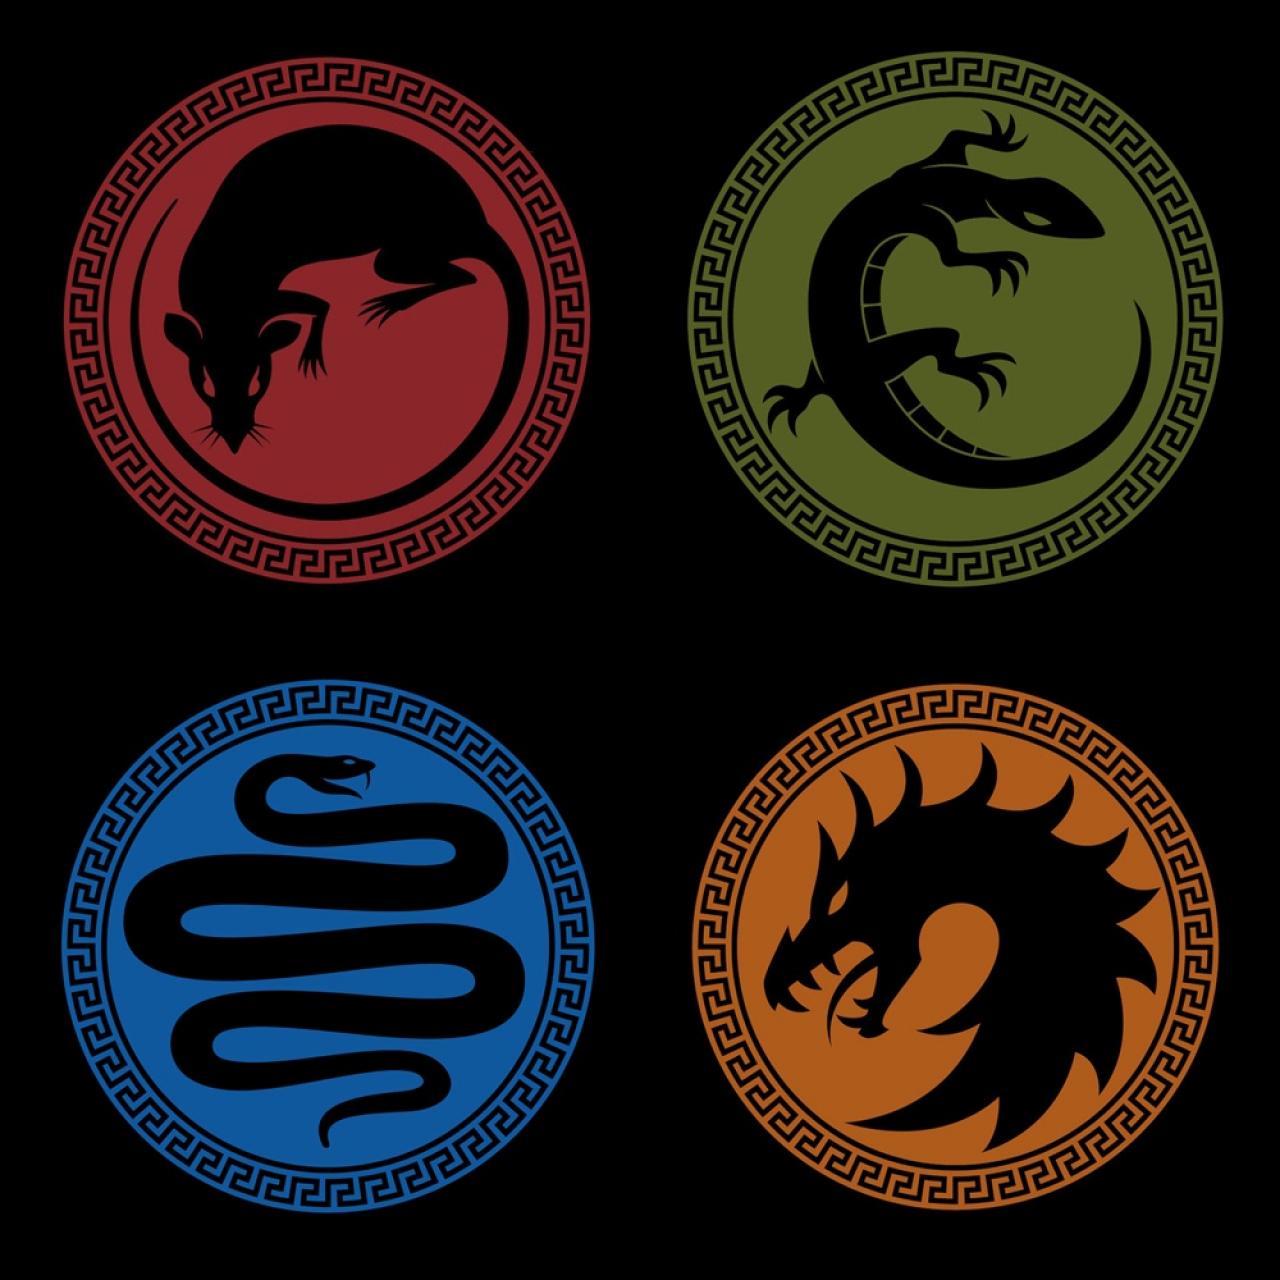 logos juego de ender